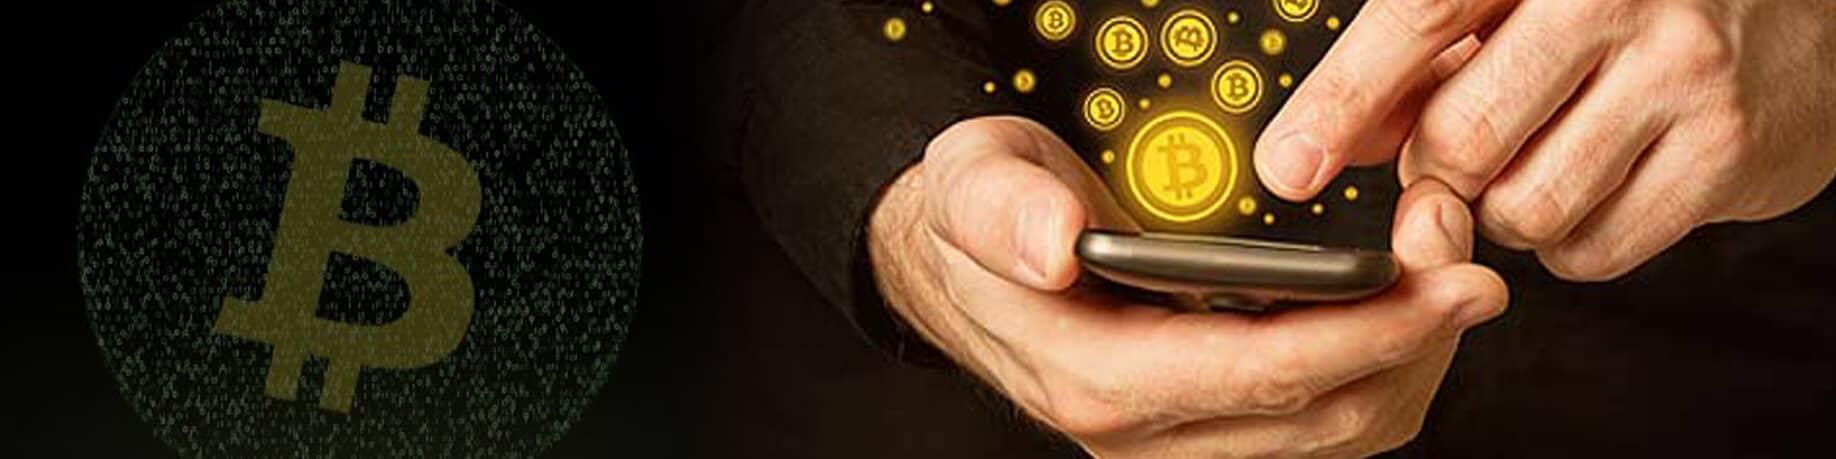 Bitbang-你的比特幣不是你的比特幣